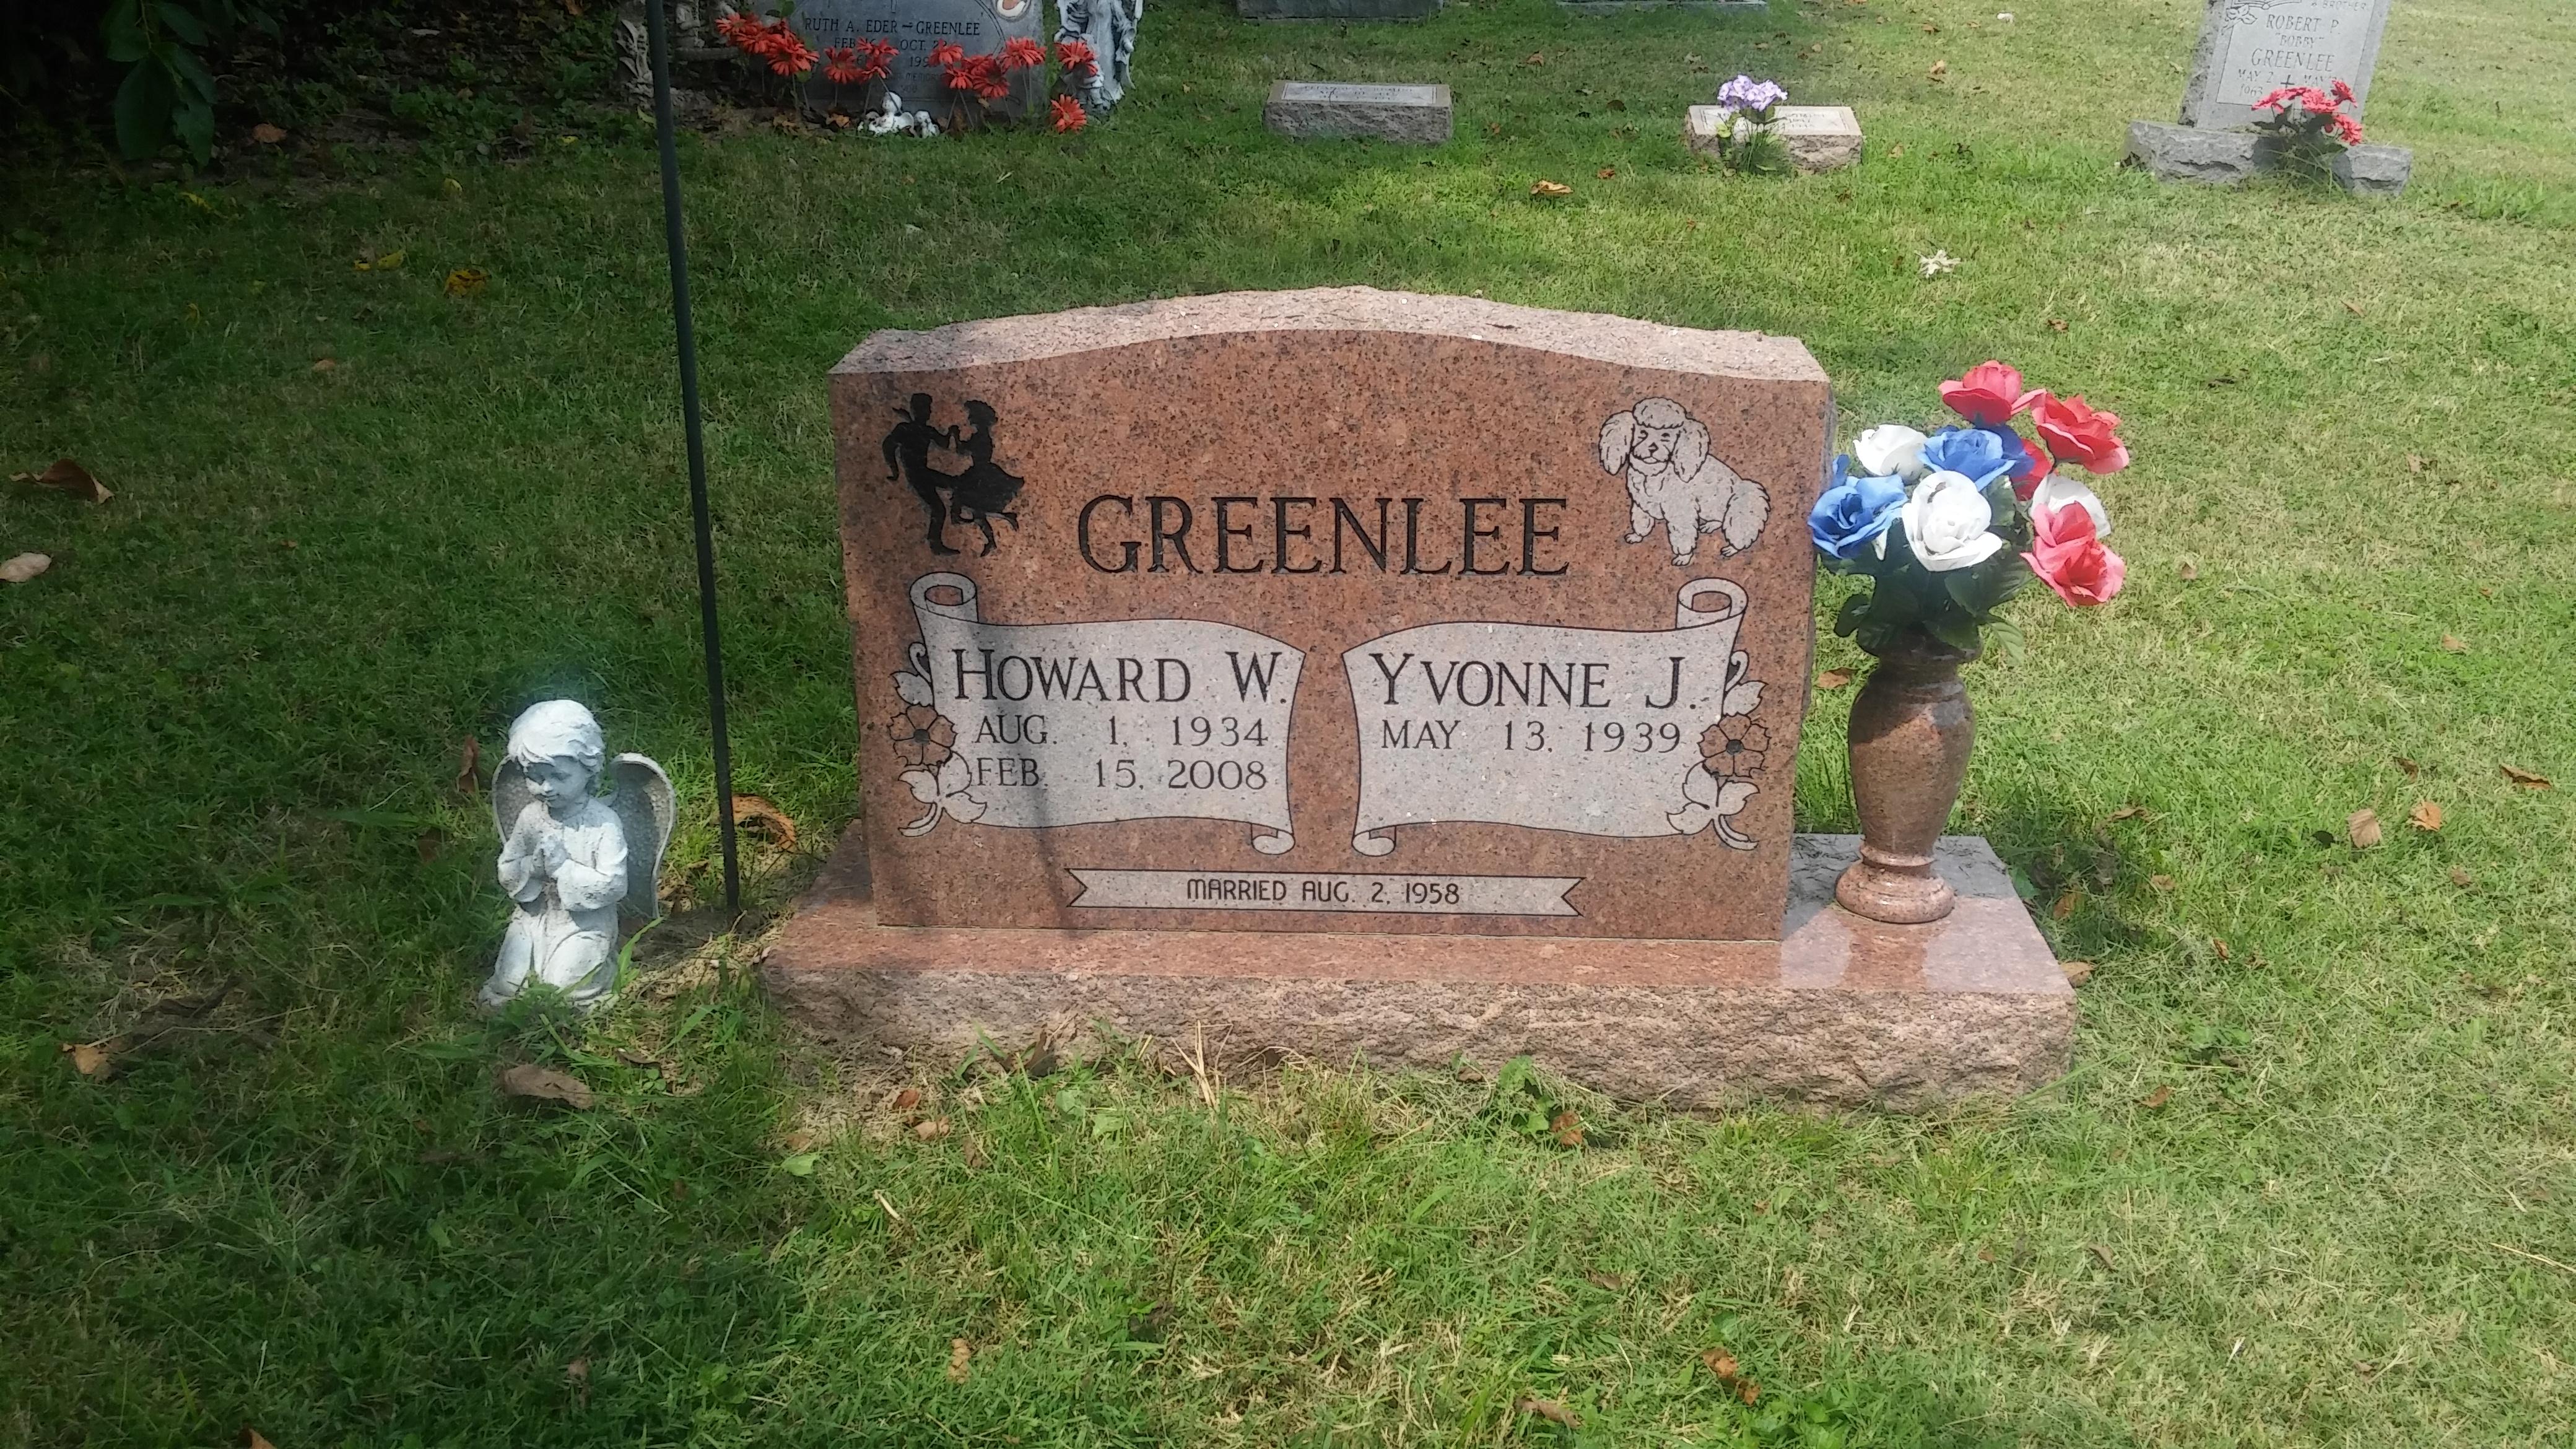 Howard Wesley Greenlee, Sr